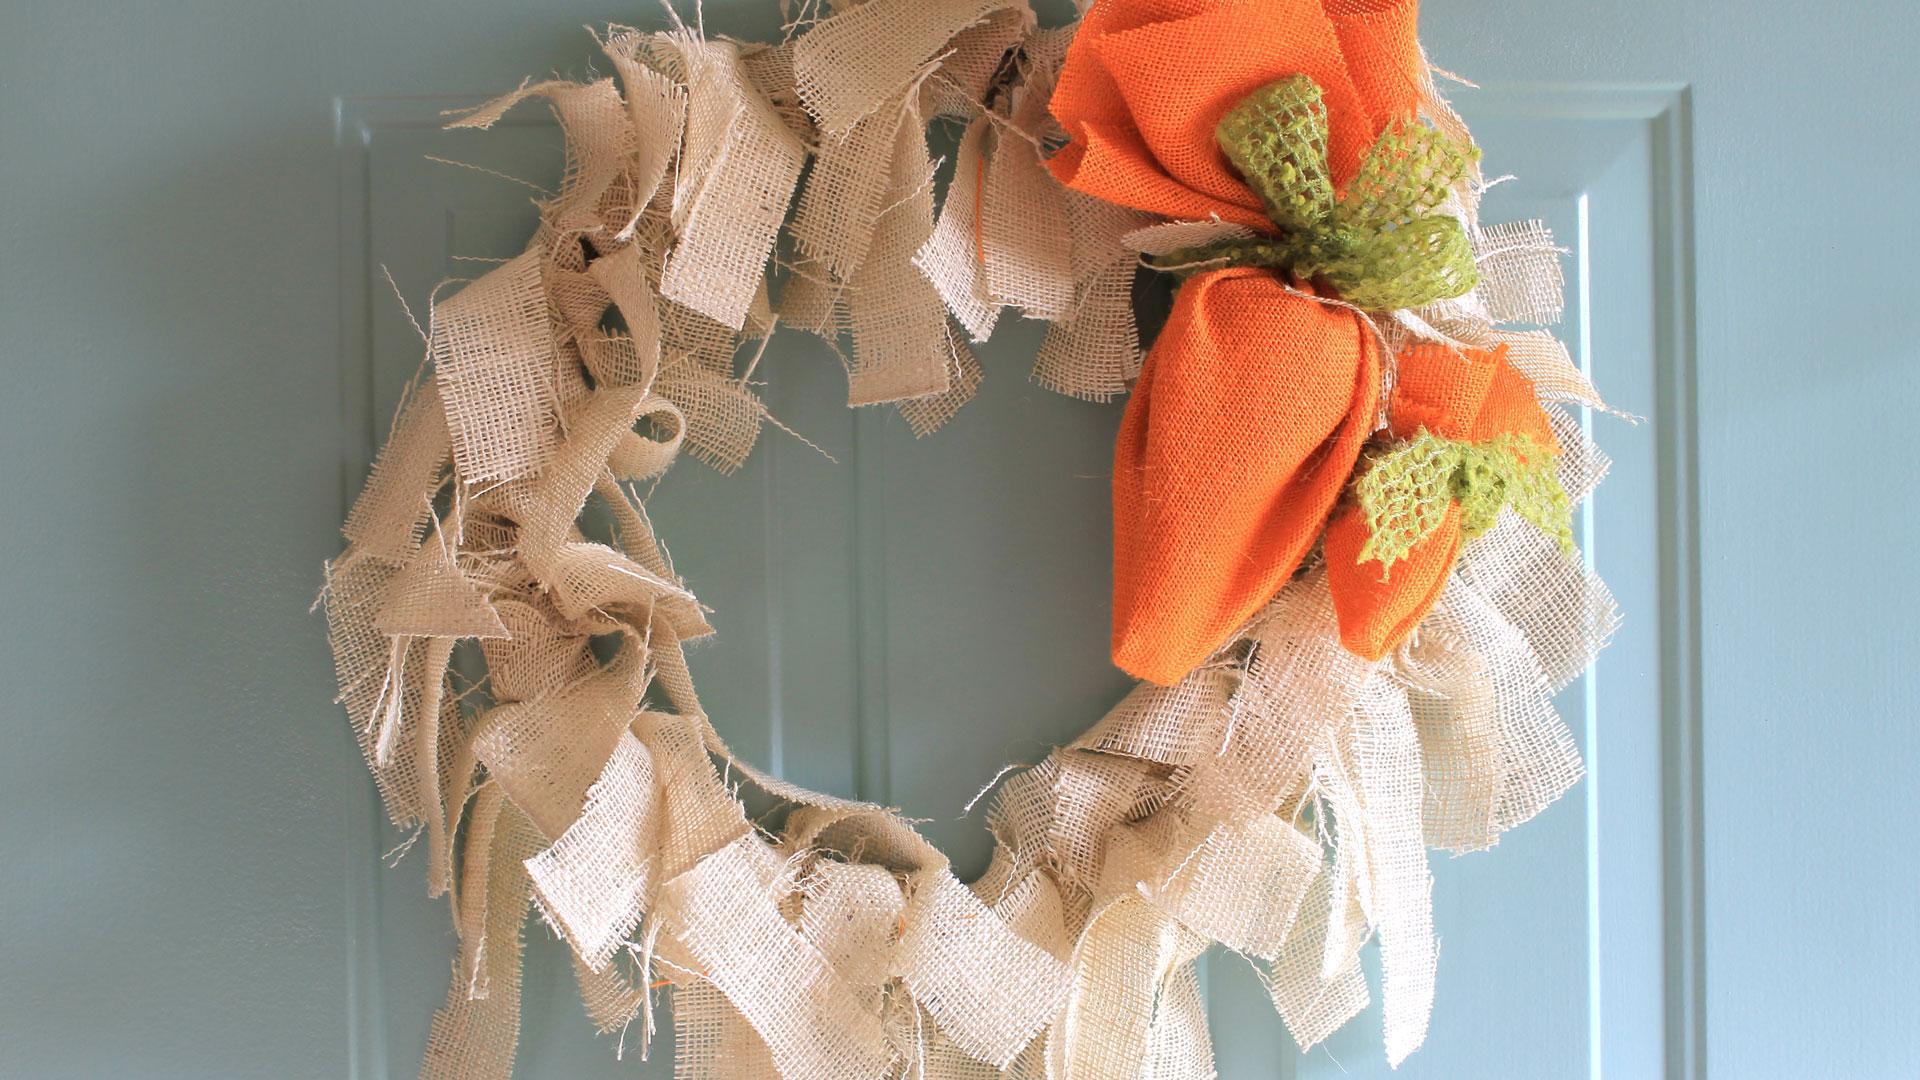 Make A Burlap Carrot Easter Wreath To Brighten Your Front Door